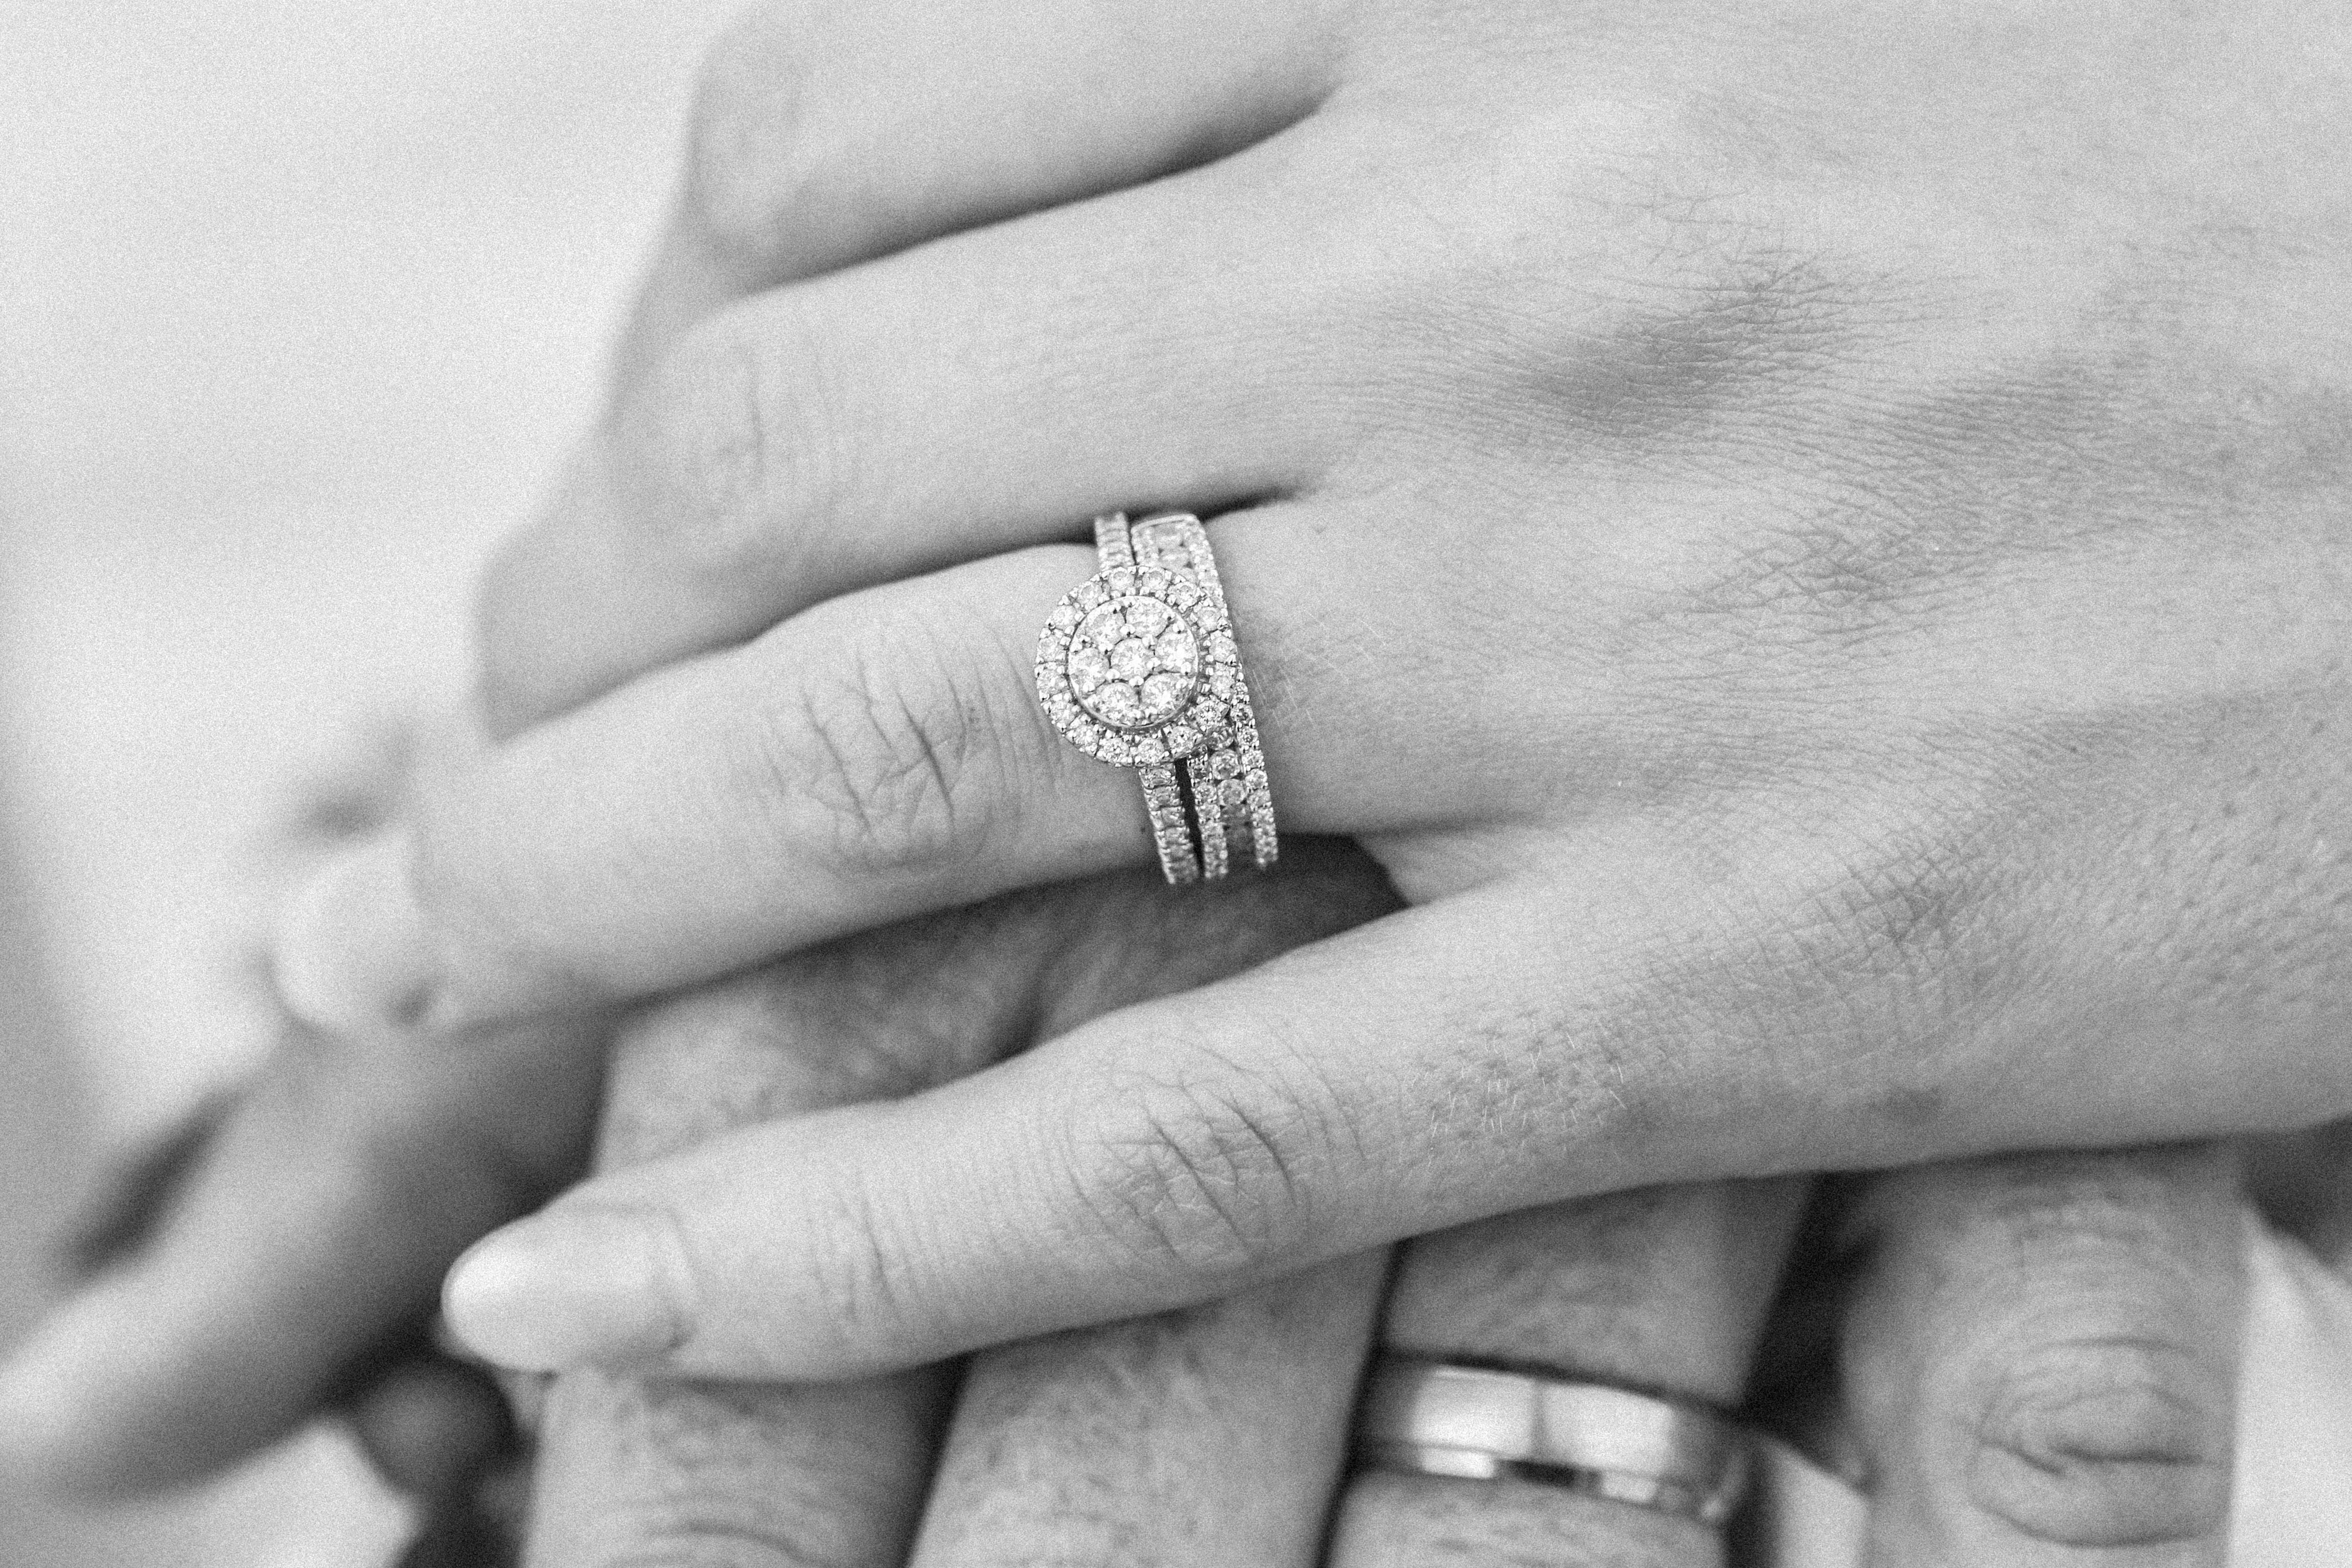 Comment détecter les faux diamants ?